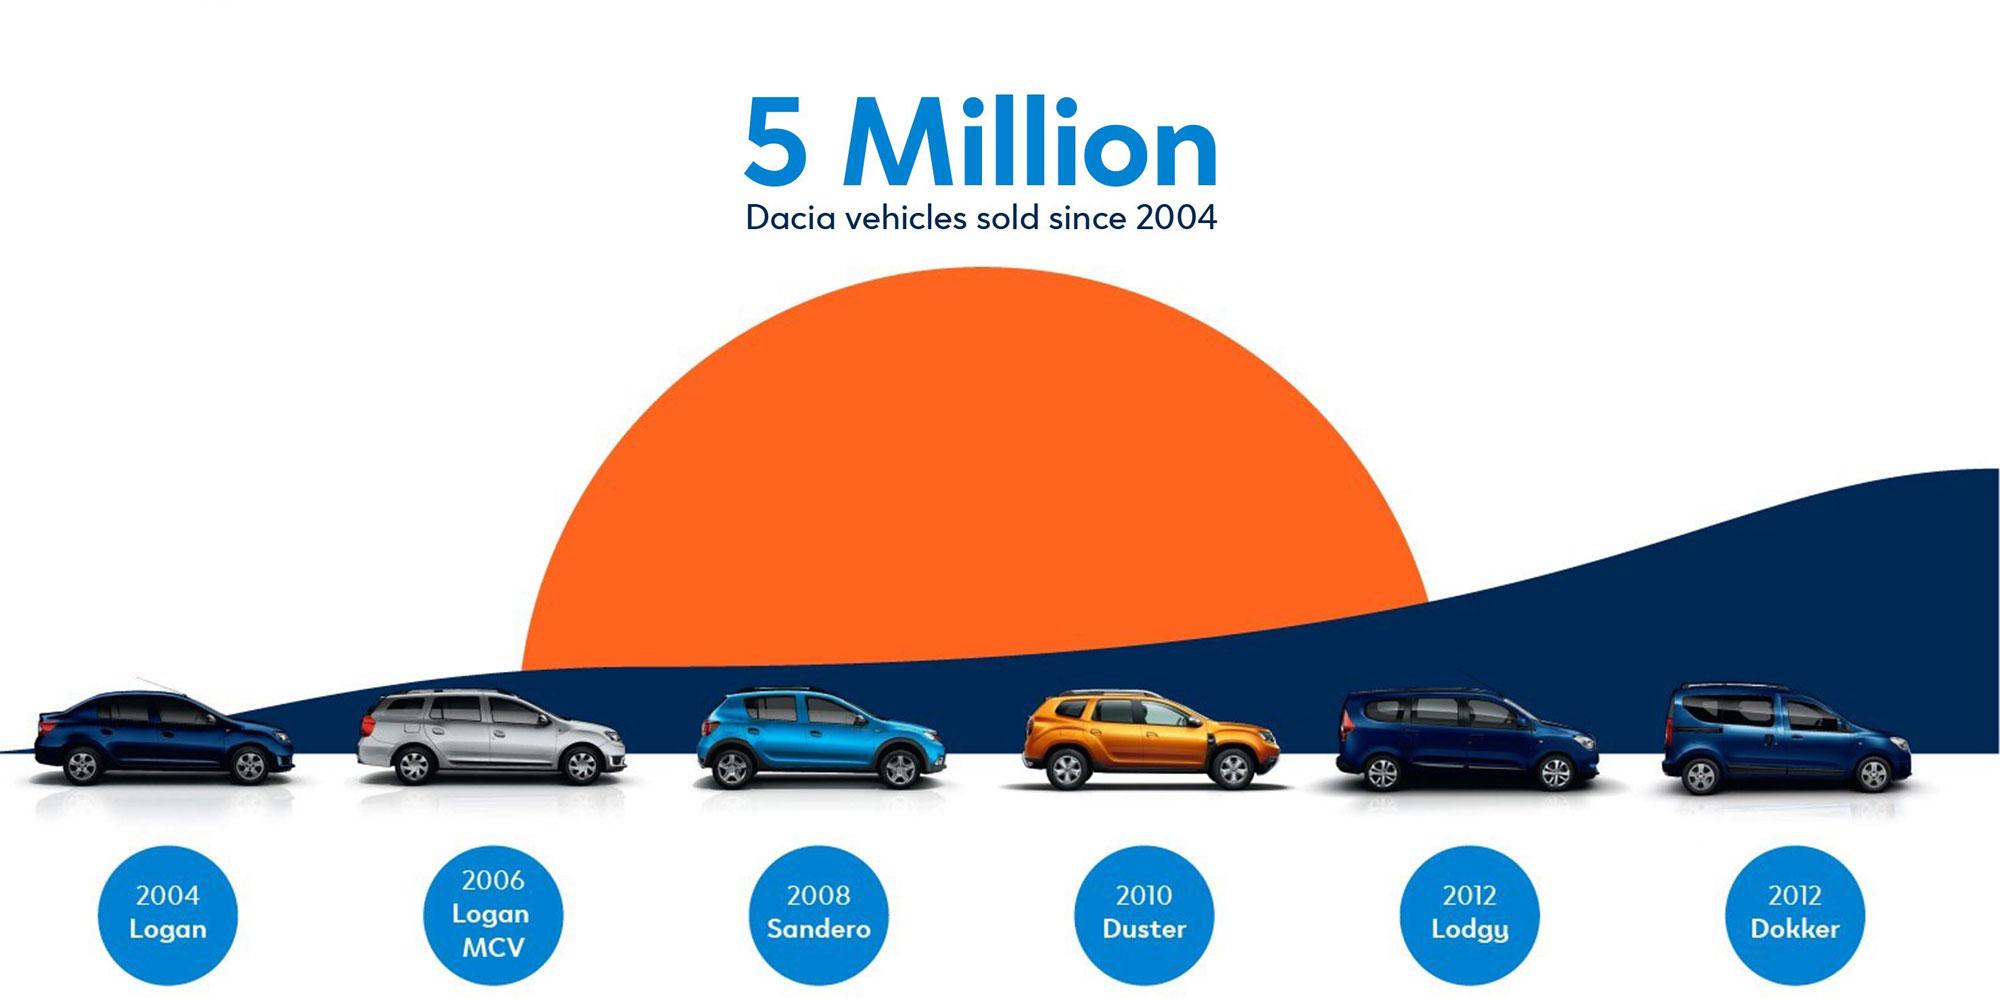 Toller Erfolg: Mehr als fünf Millionen Dacia